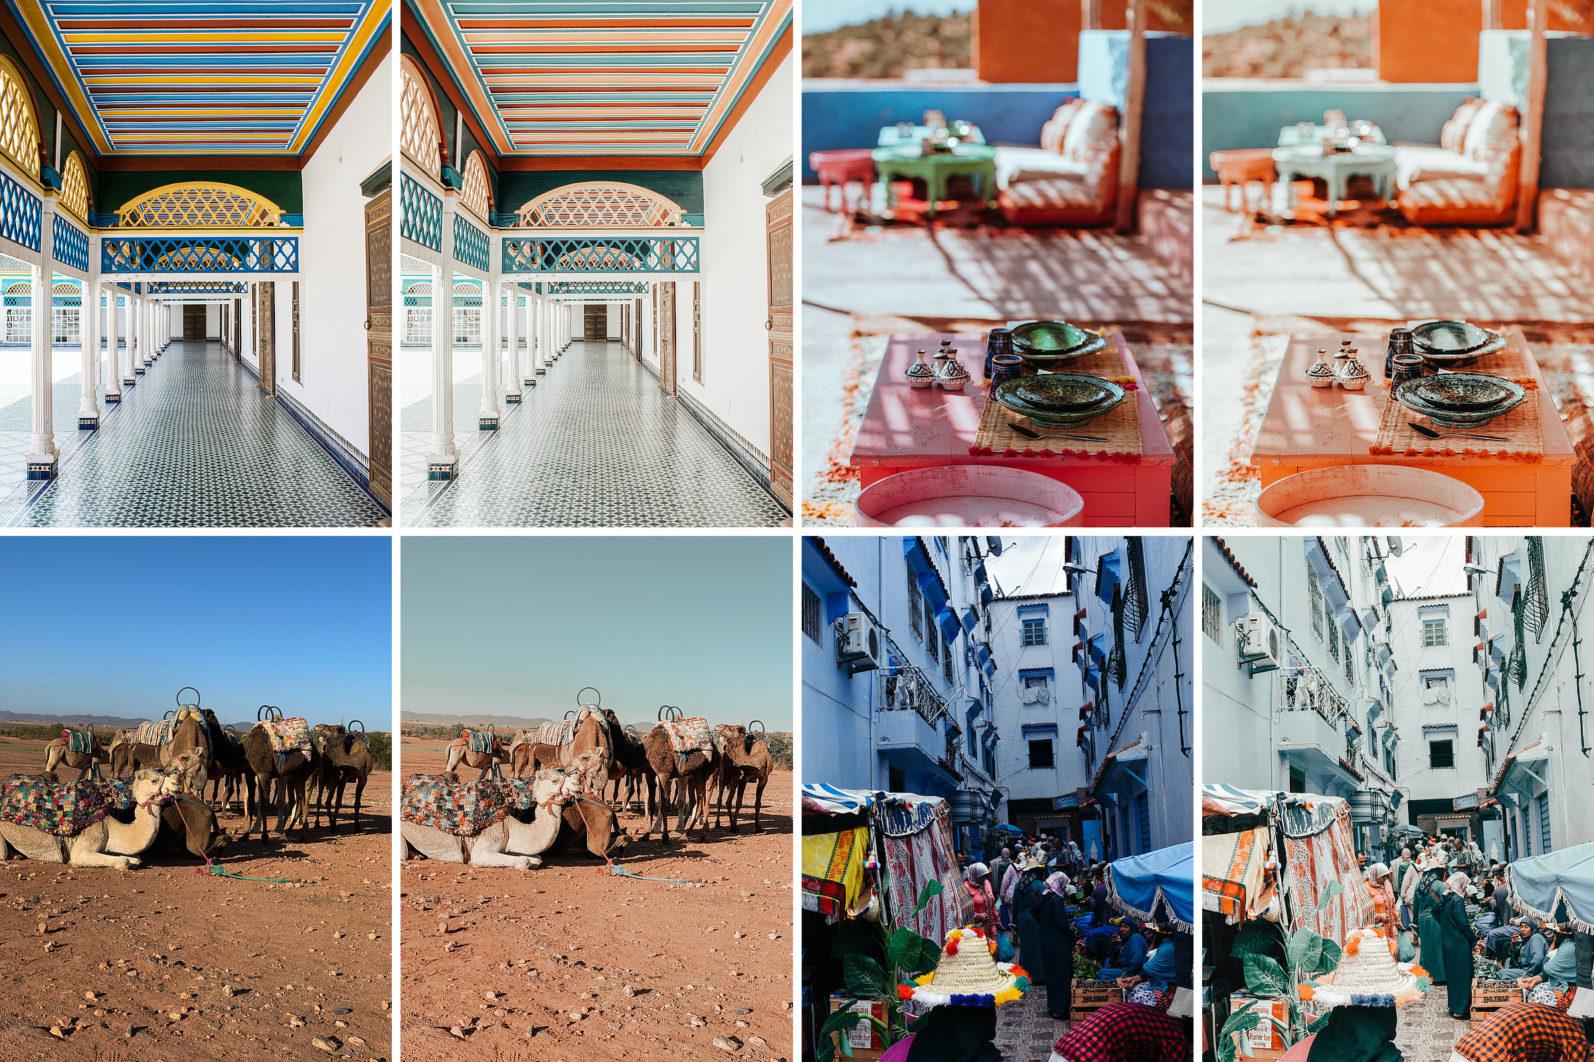 55. Marocco Life - 55.MARROCO LIFE 2 -